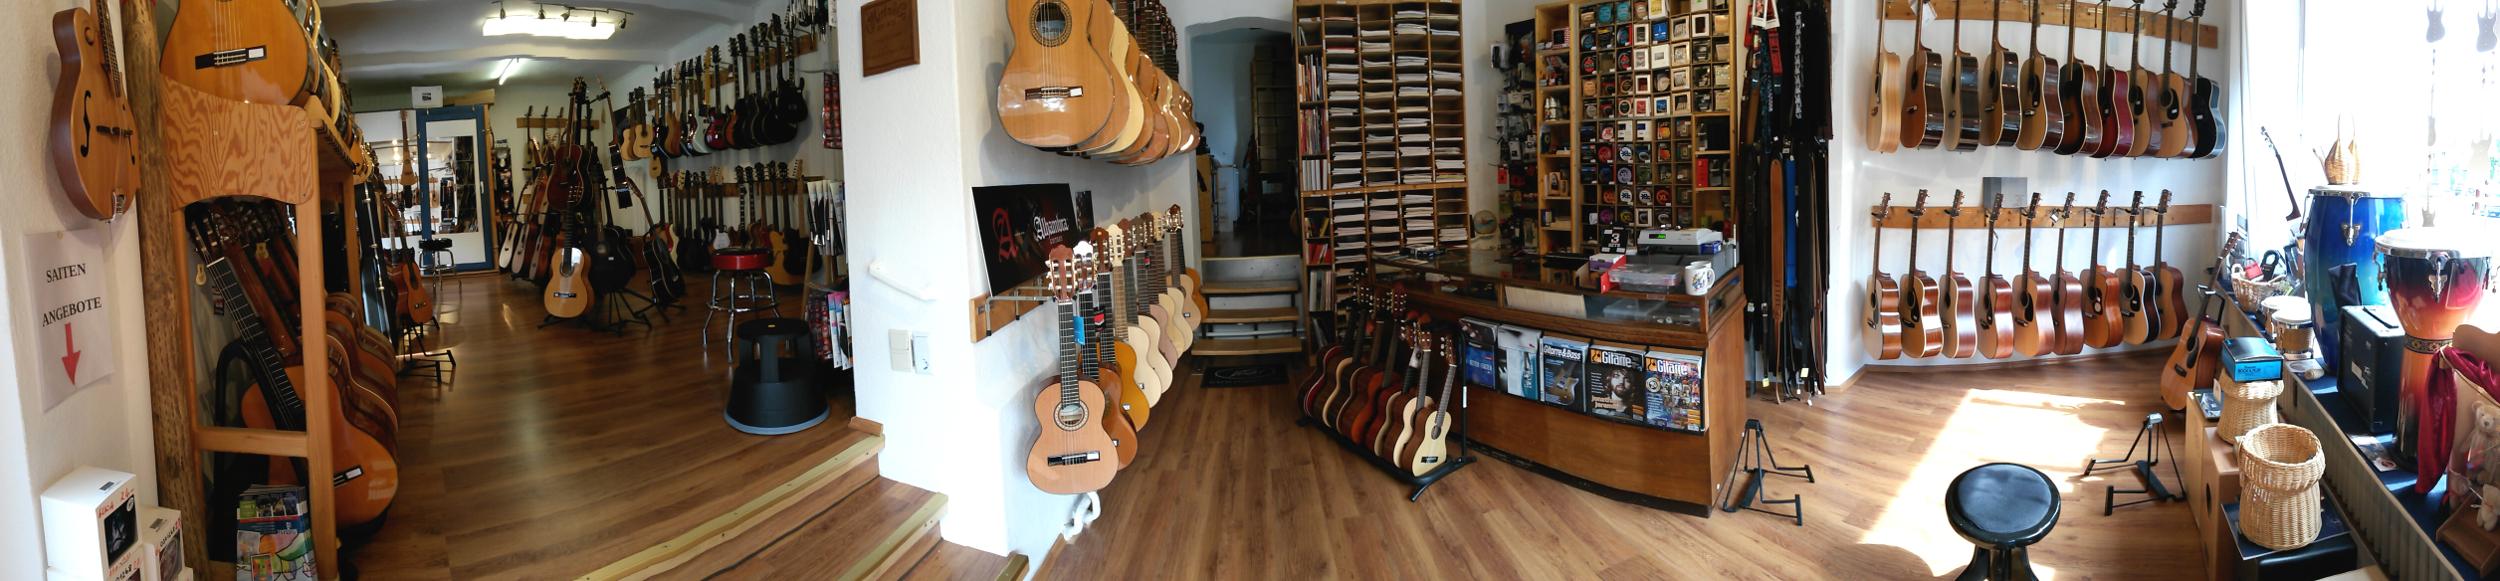 Musikladen Eberstadt